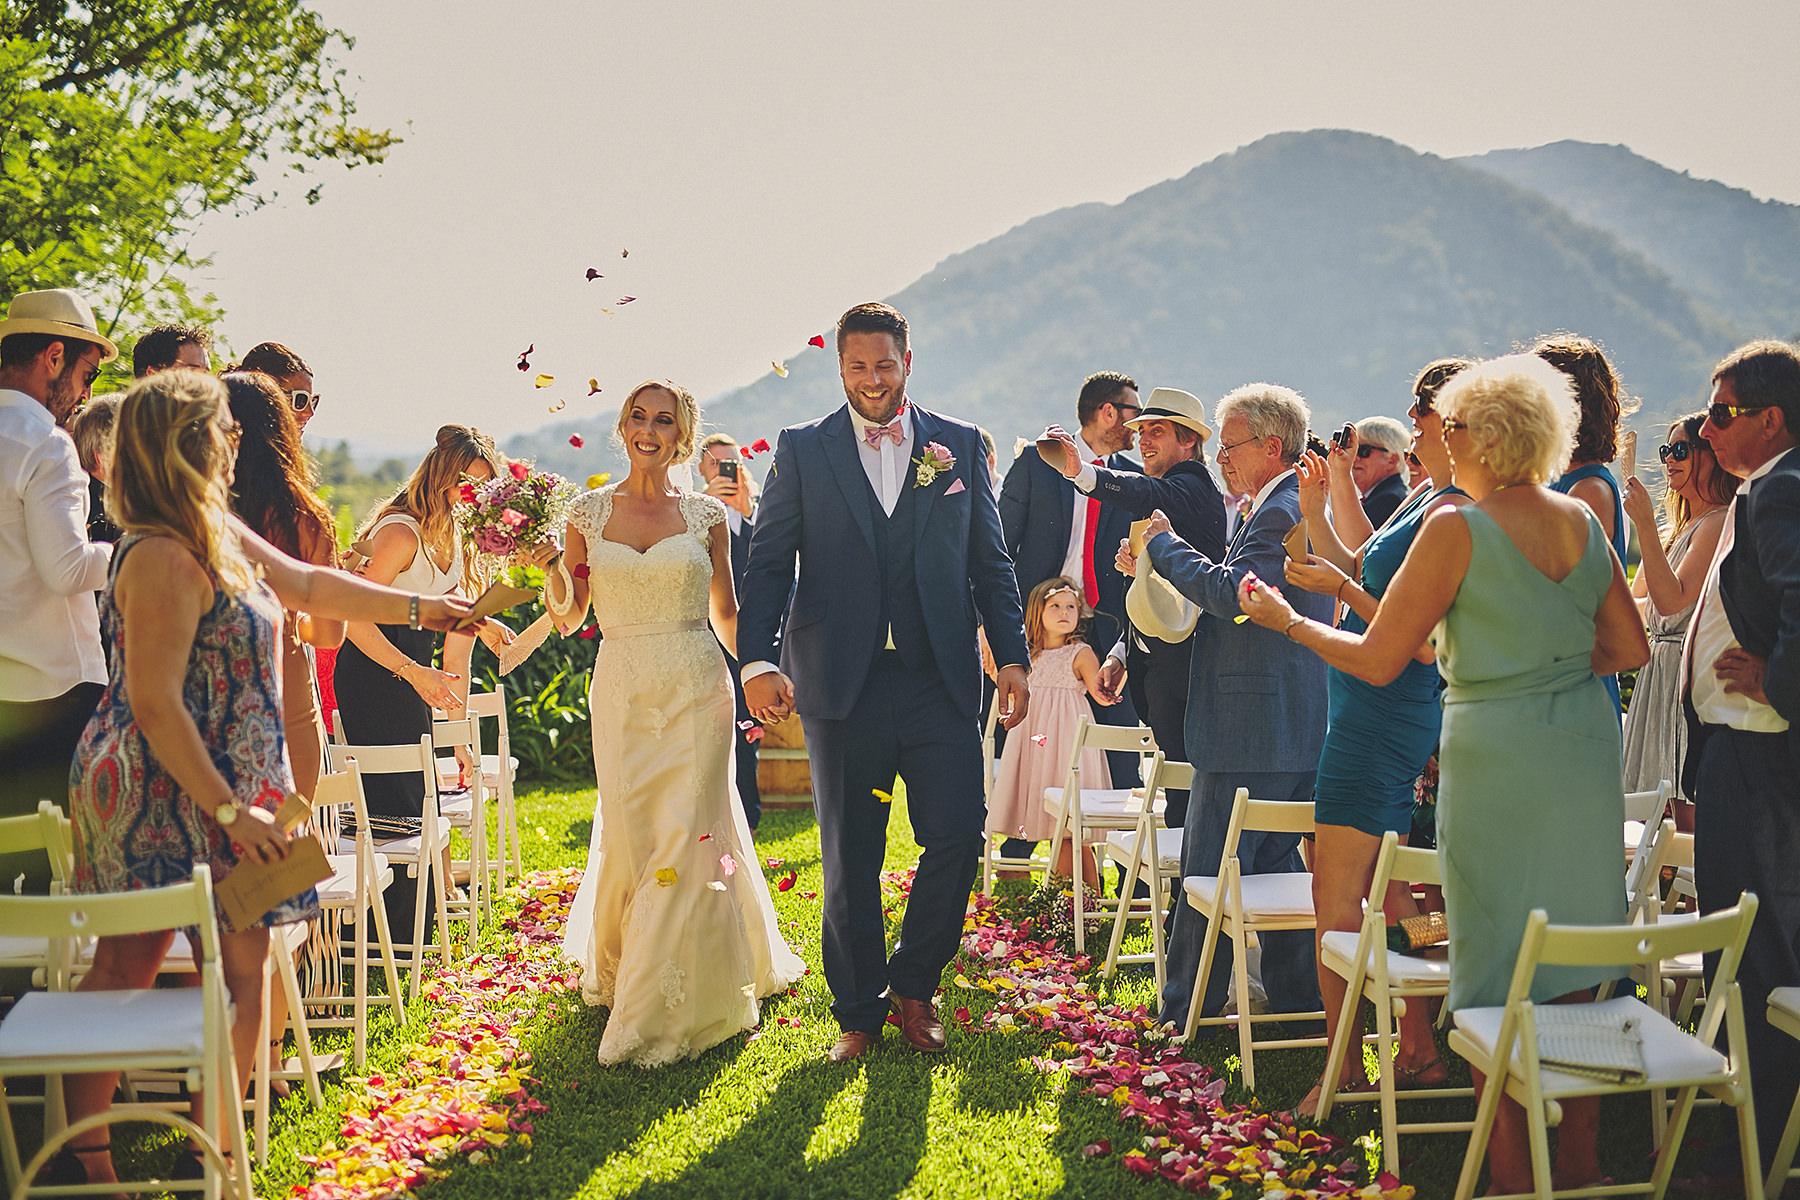 Destination wedding in a magical Mallorca